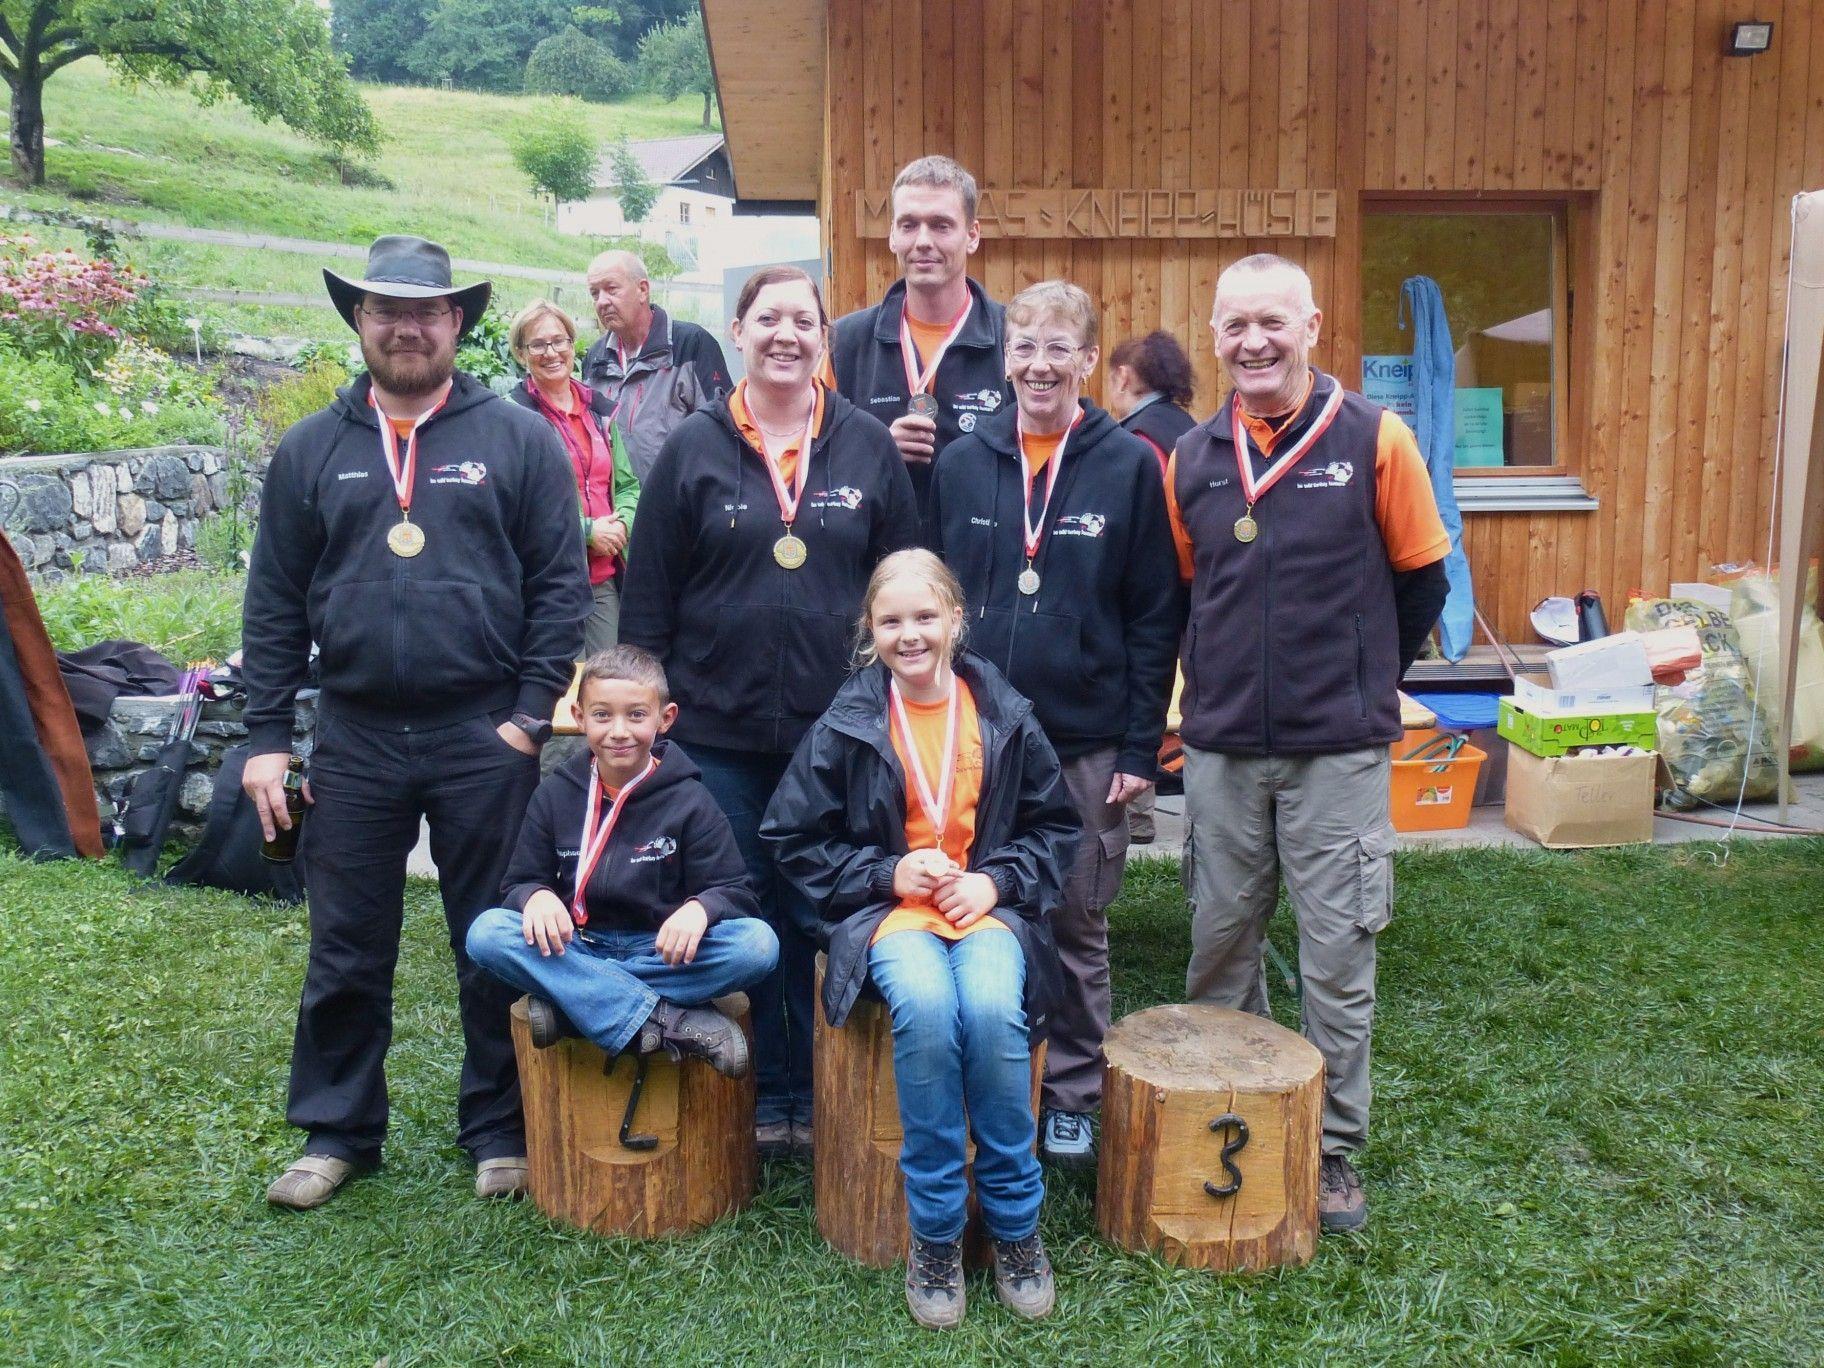 Am Samstag durften die Mitglieder des BC Wild Turkey Hunters Altach wieder jubeln!